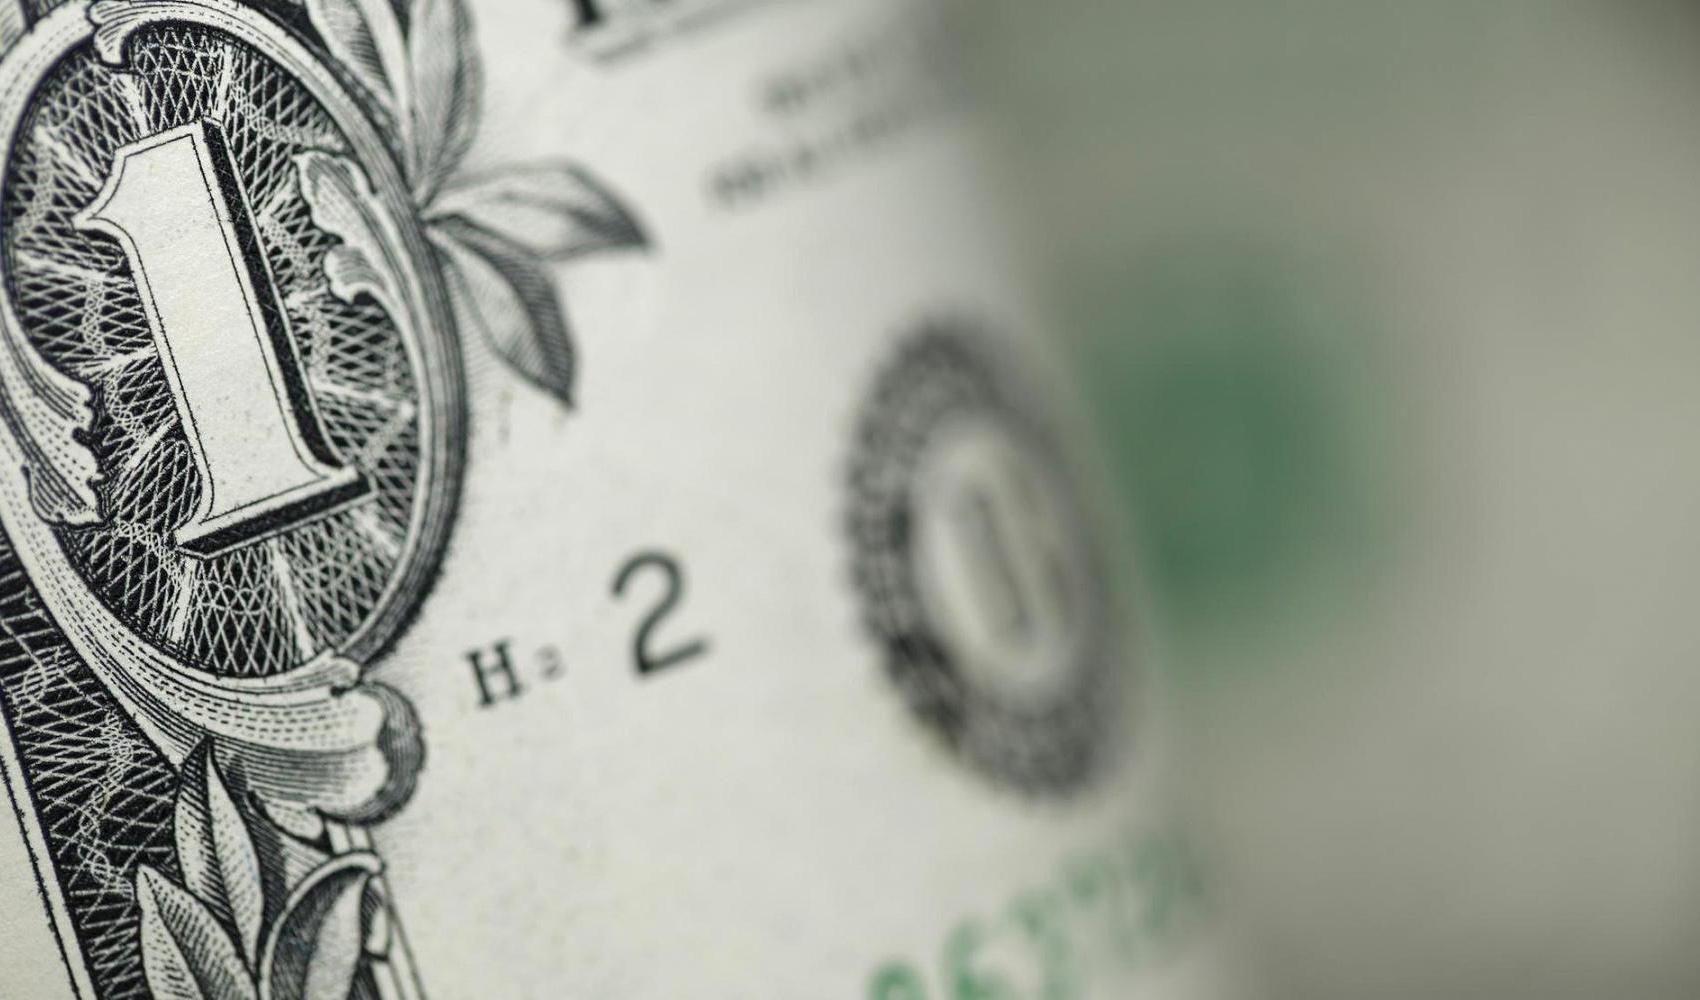 دلار سال ۲۰۱۹ را هم کاهشی شروع کرد